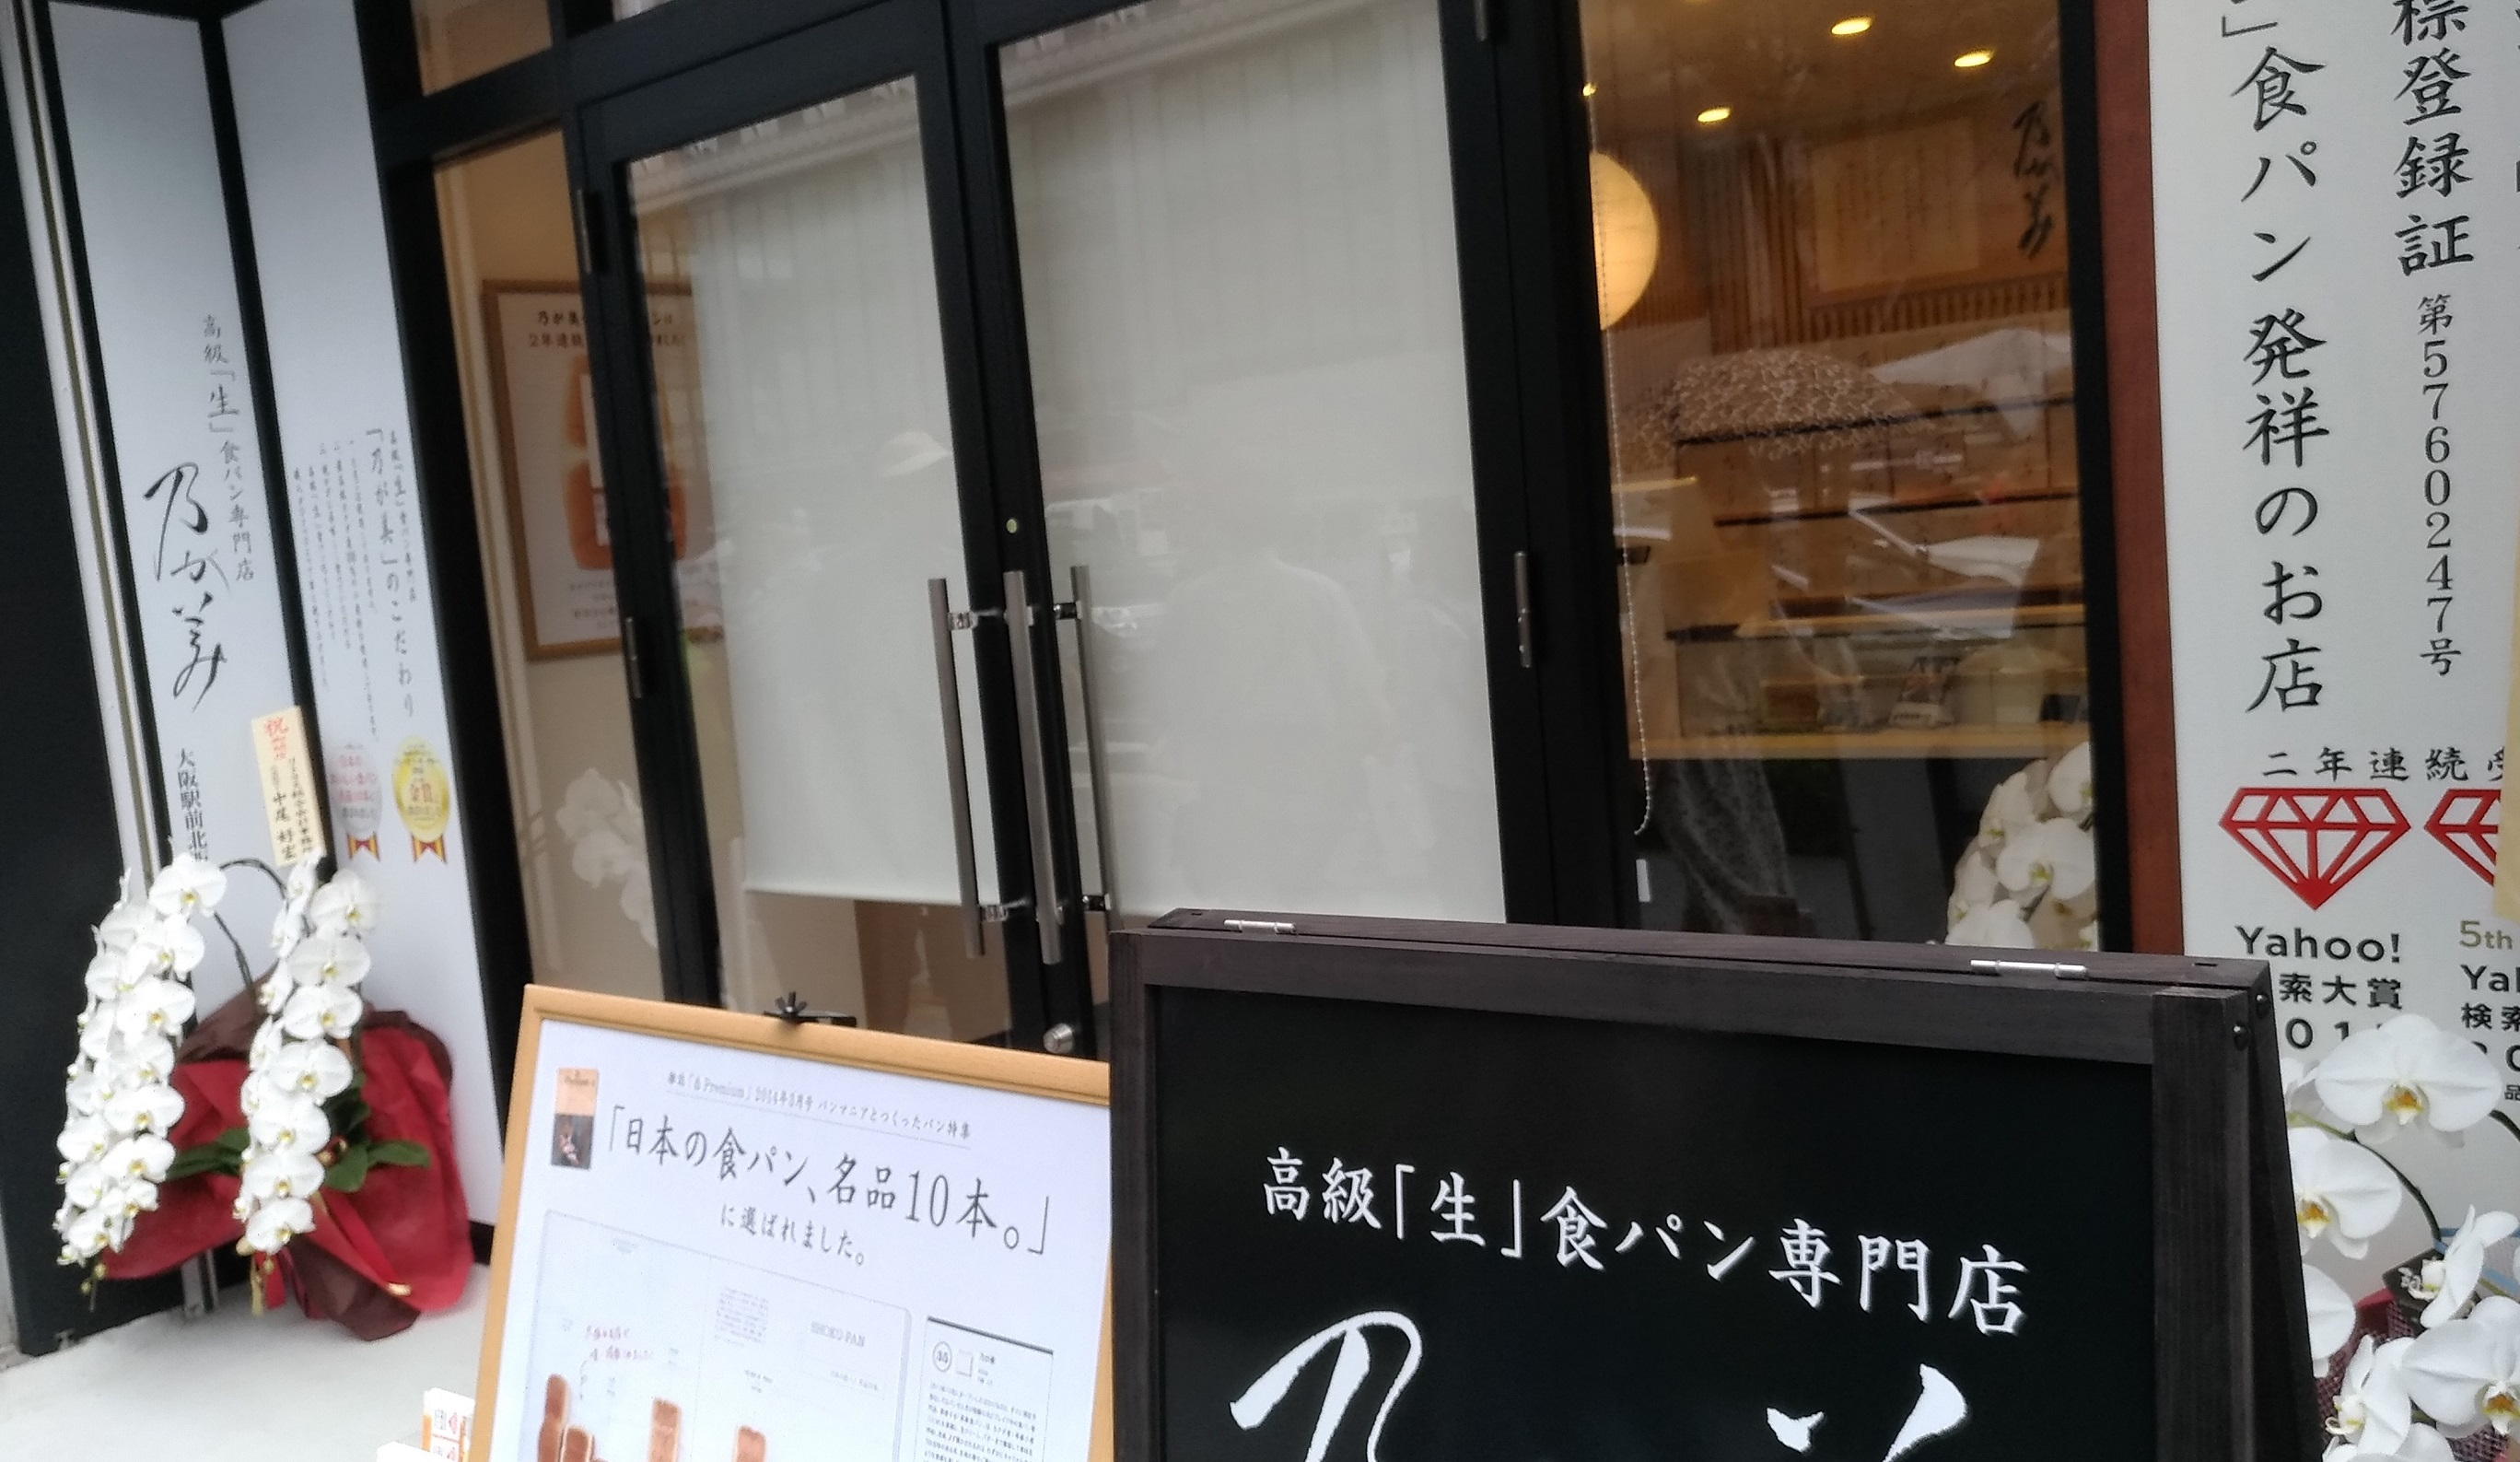 nogami_osaka_umeda_shokupan_4.jpg